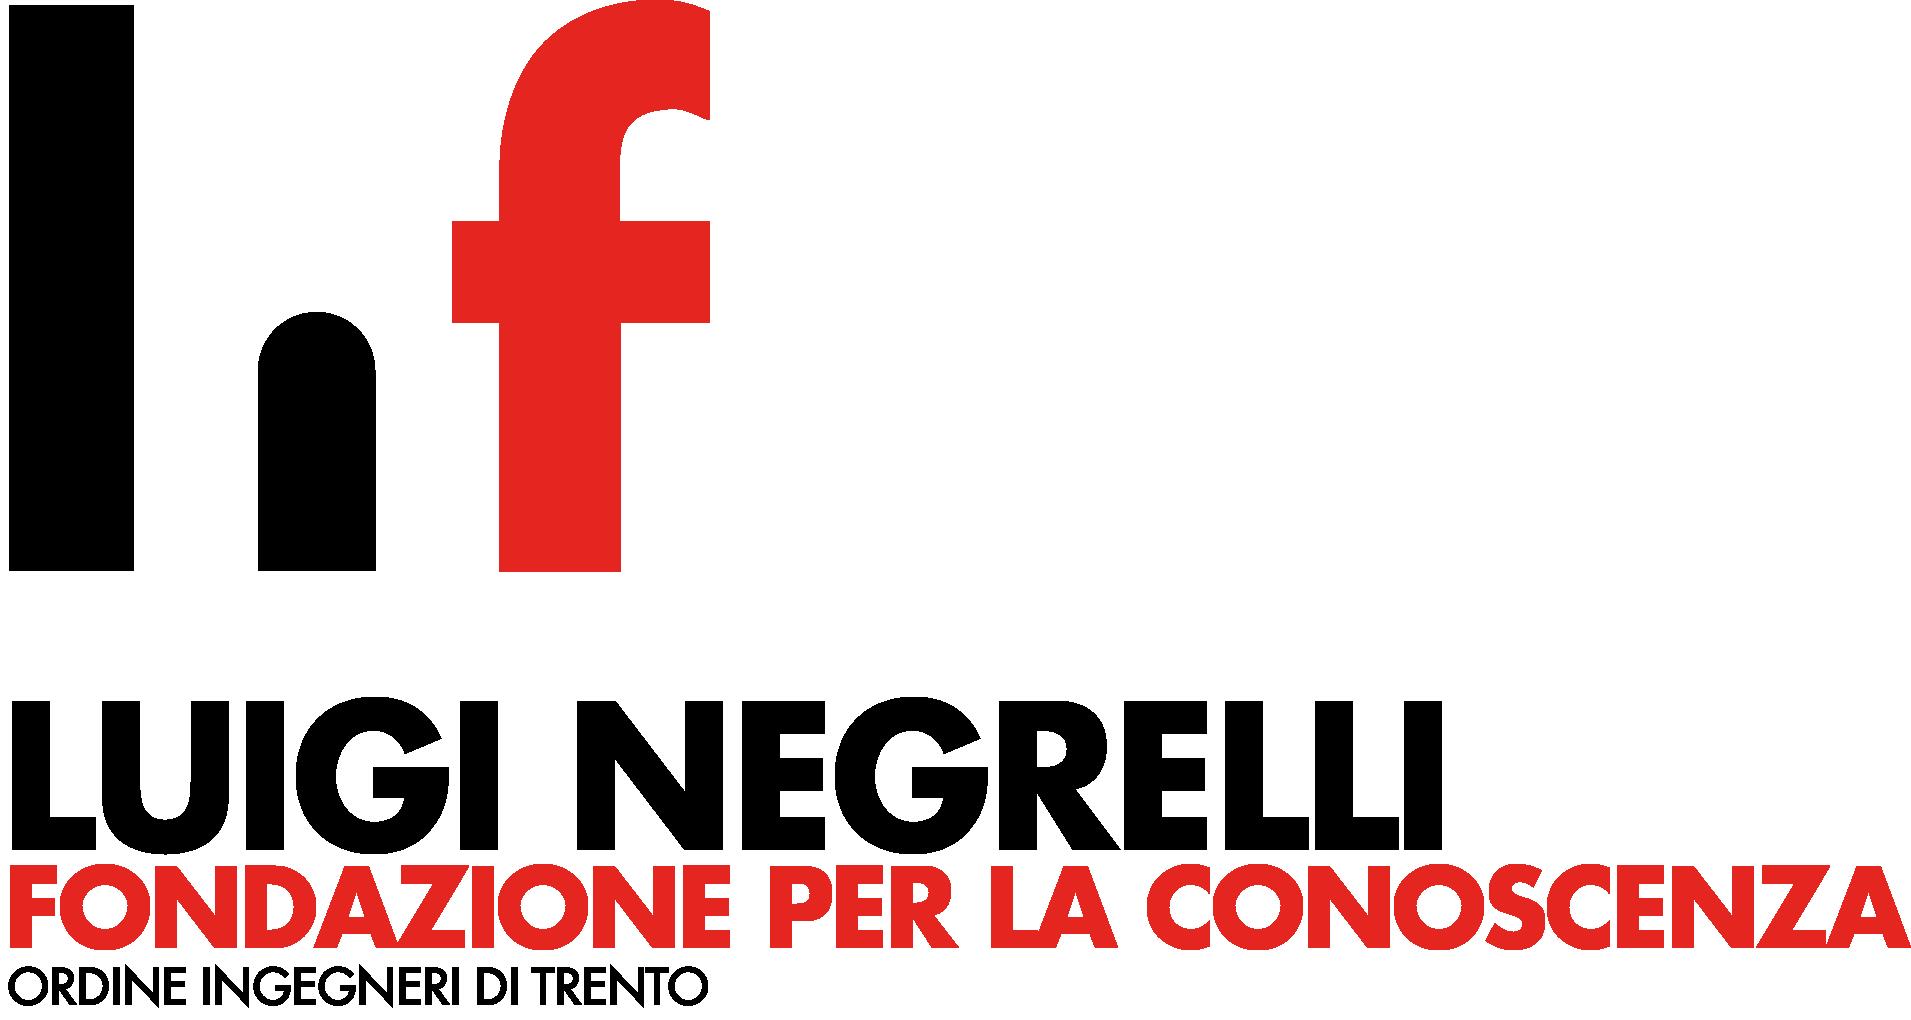 Fondazione Negrelli